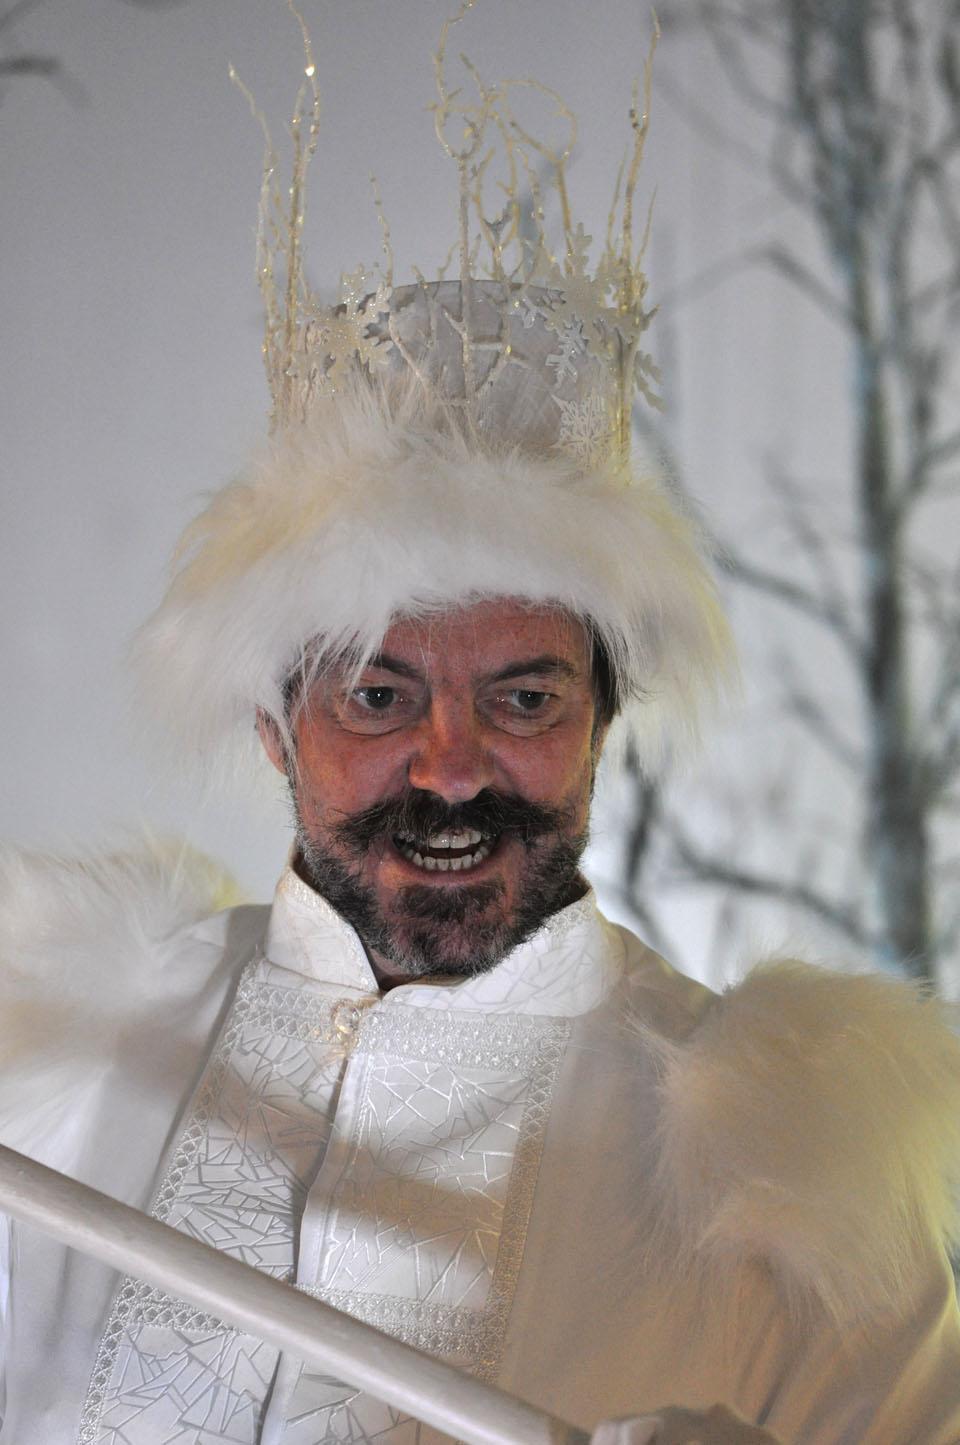 Väterchen Frost, Opernwerkstatt 2018